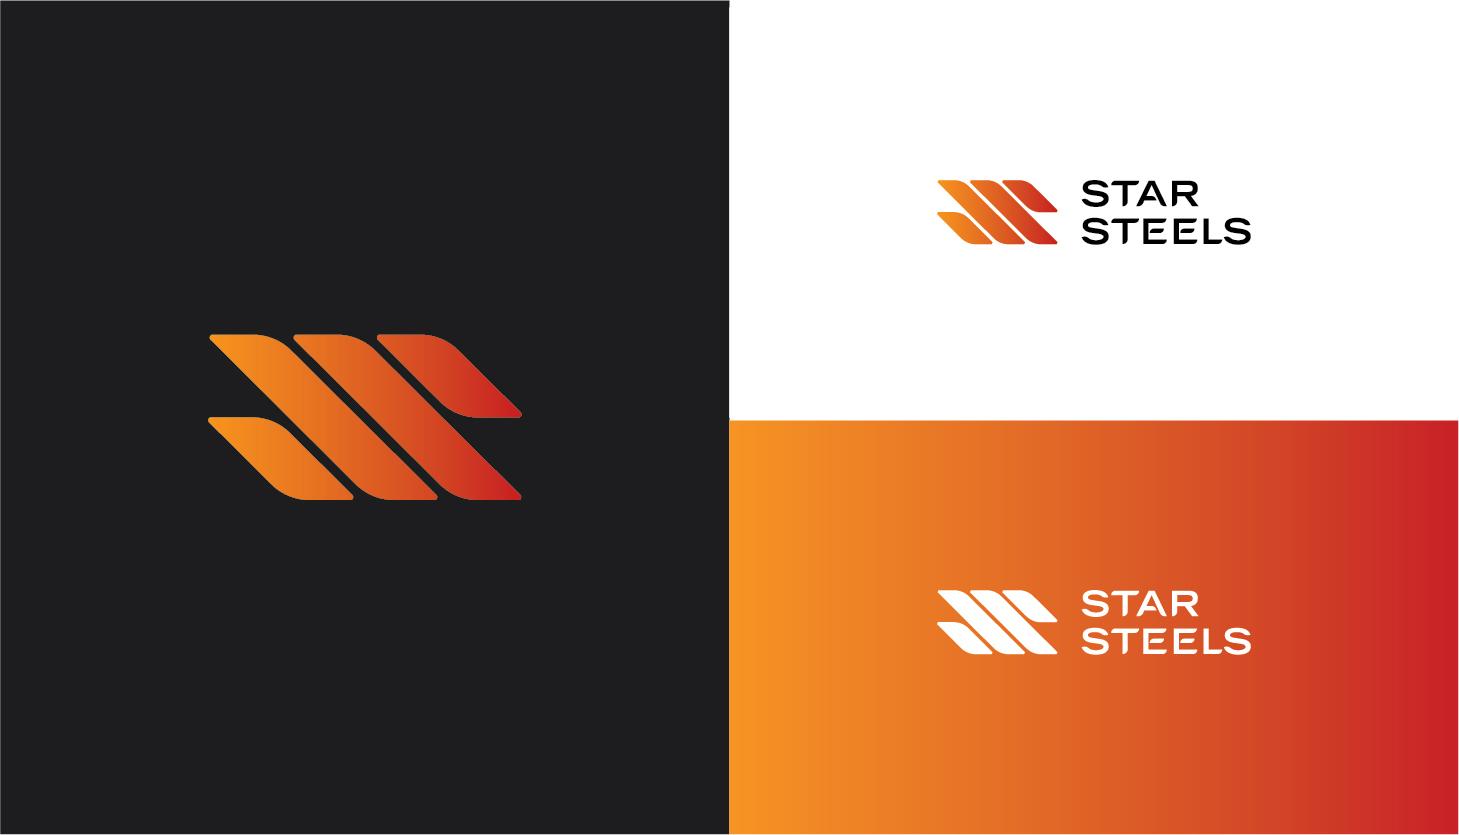 starsteels-04